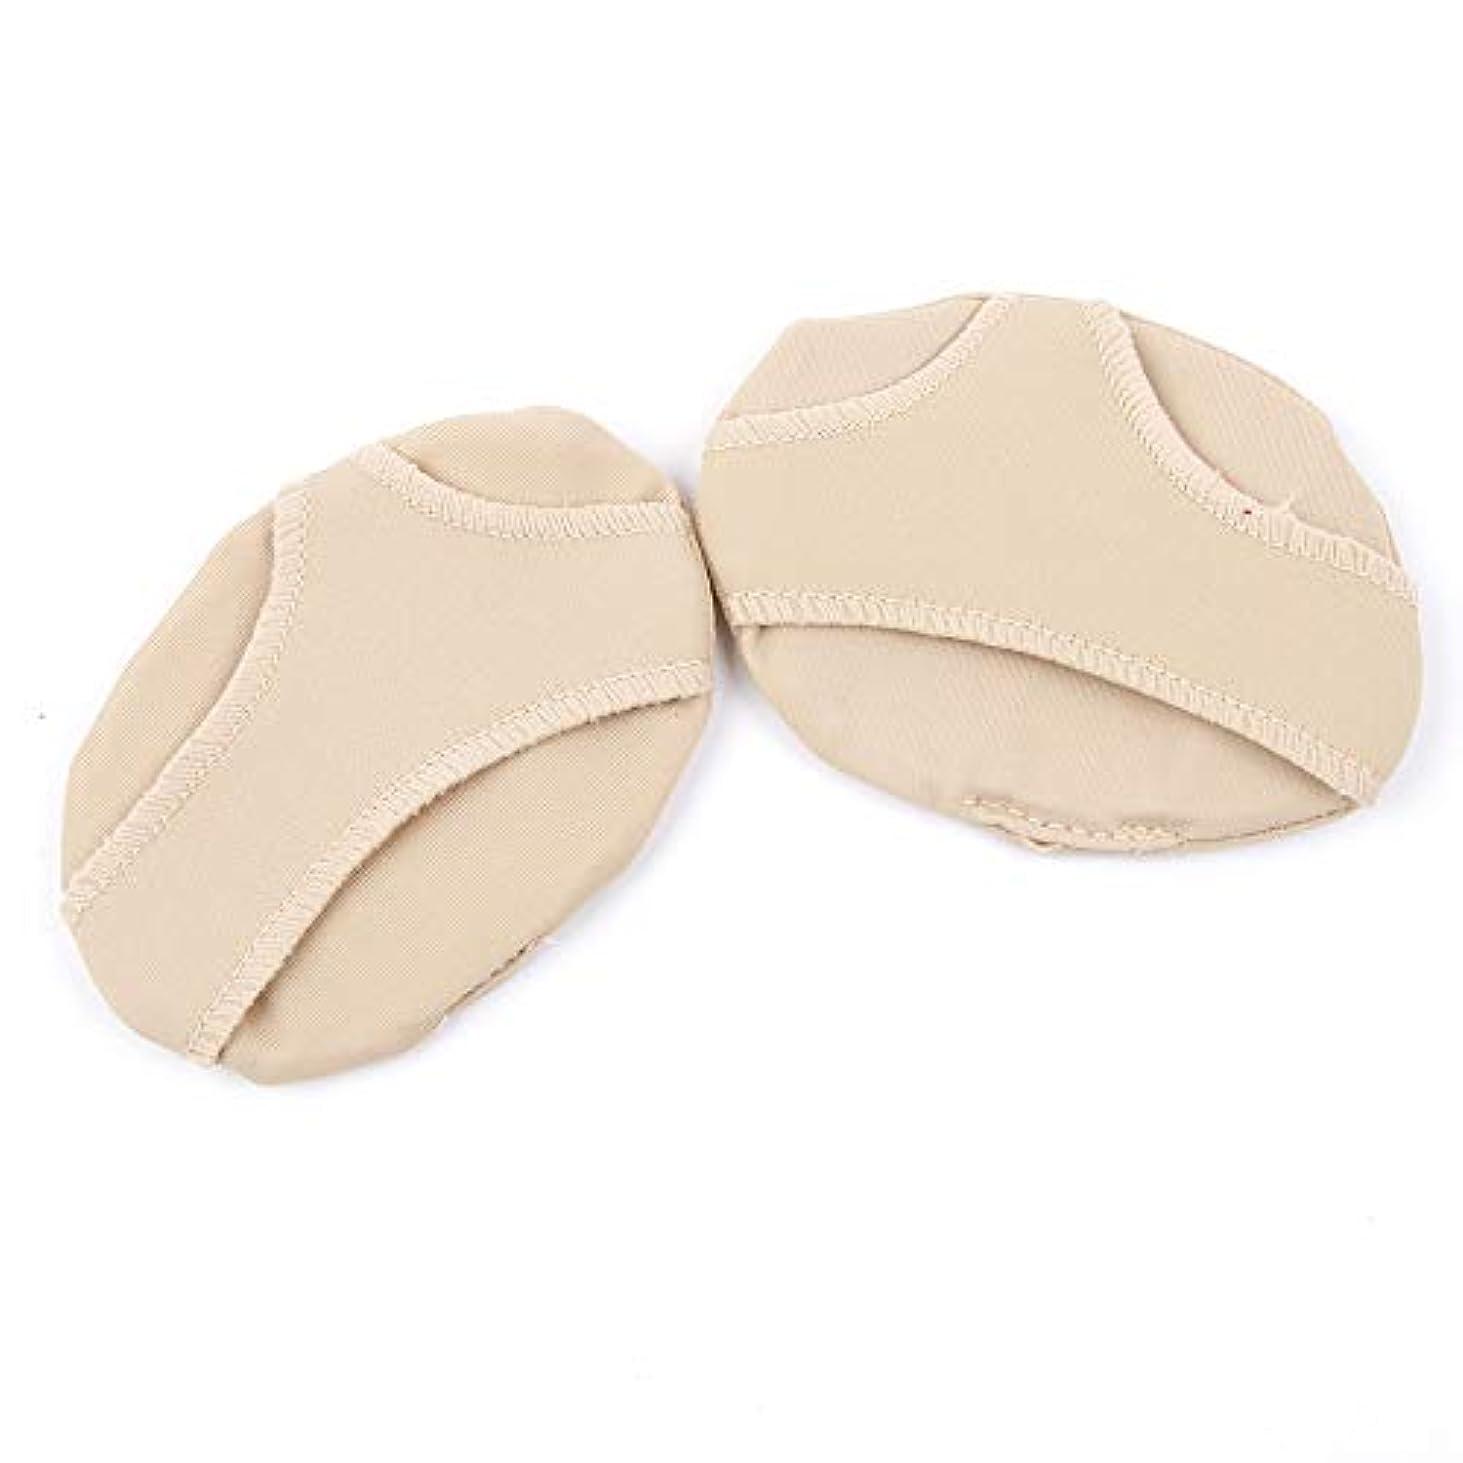 パンサー筋肉のチロRAYNAG 足裏サポート 前足パッド ふんわりパッド 足裏保護 フットケア 足の疲れ 痛み緩和 滑り止め 柔軟性 健康グッズ Mサイズ 肌色 足底用(4個入り)